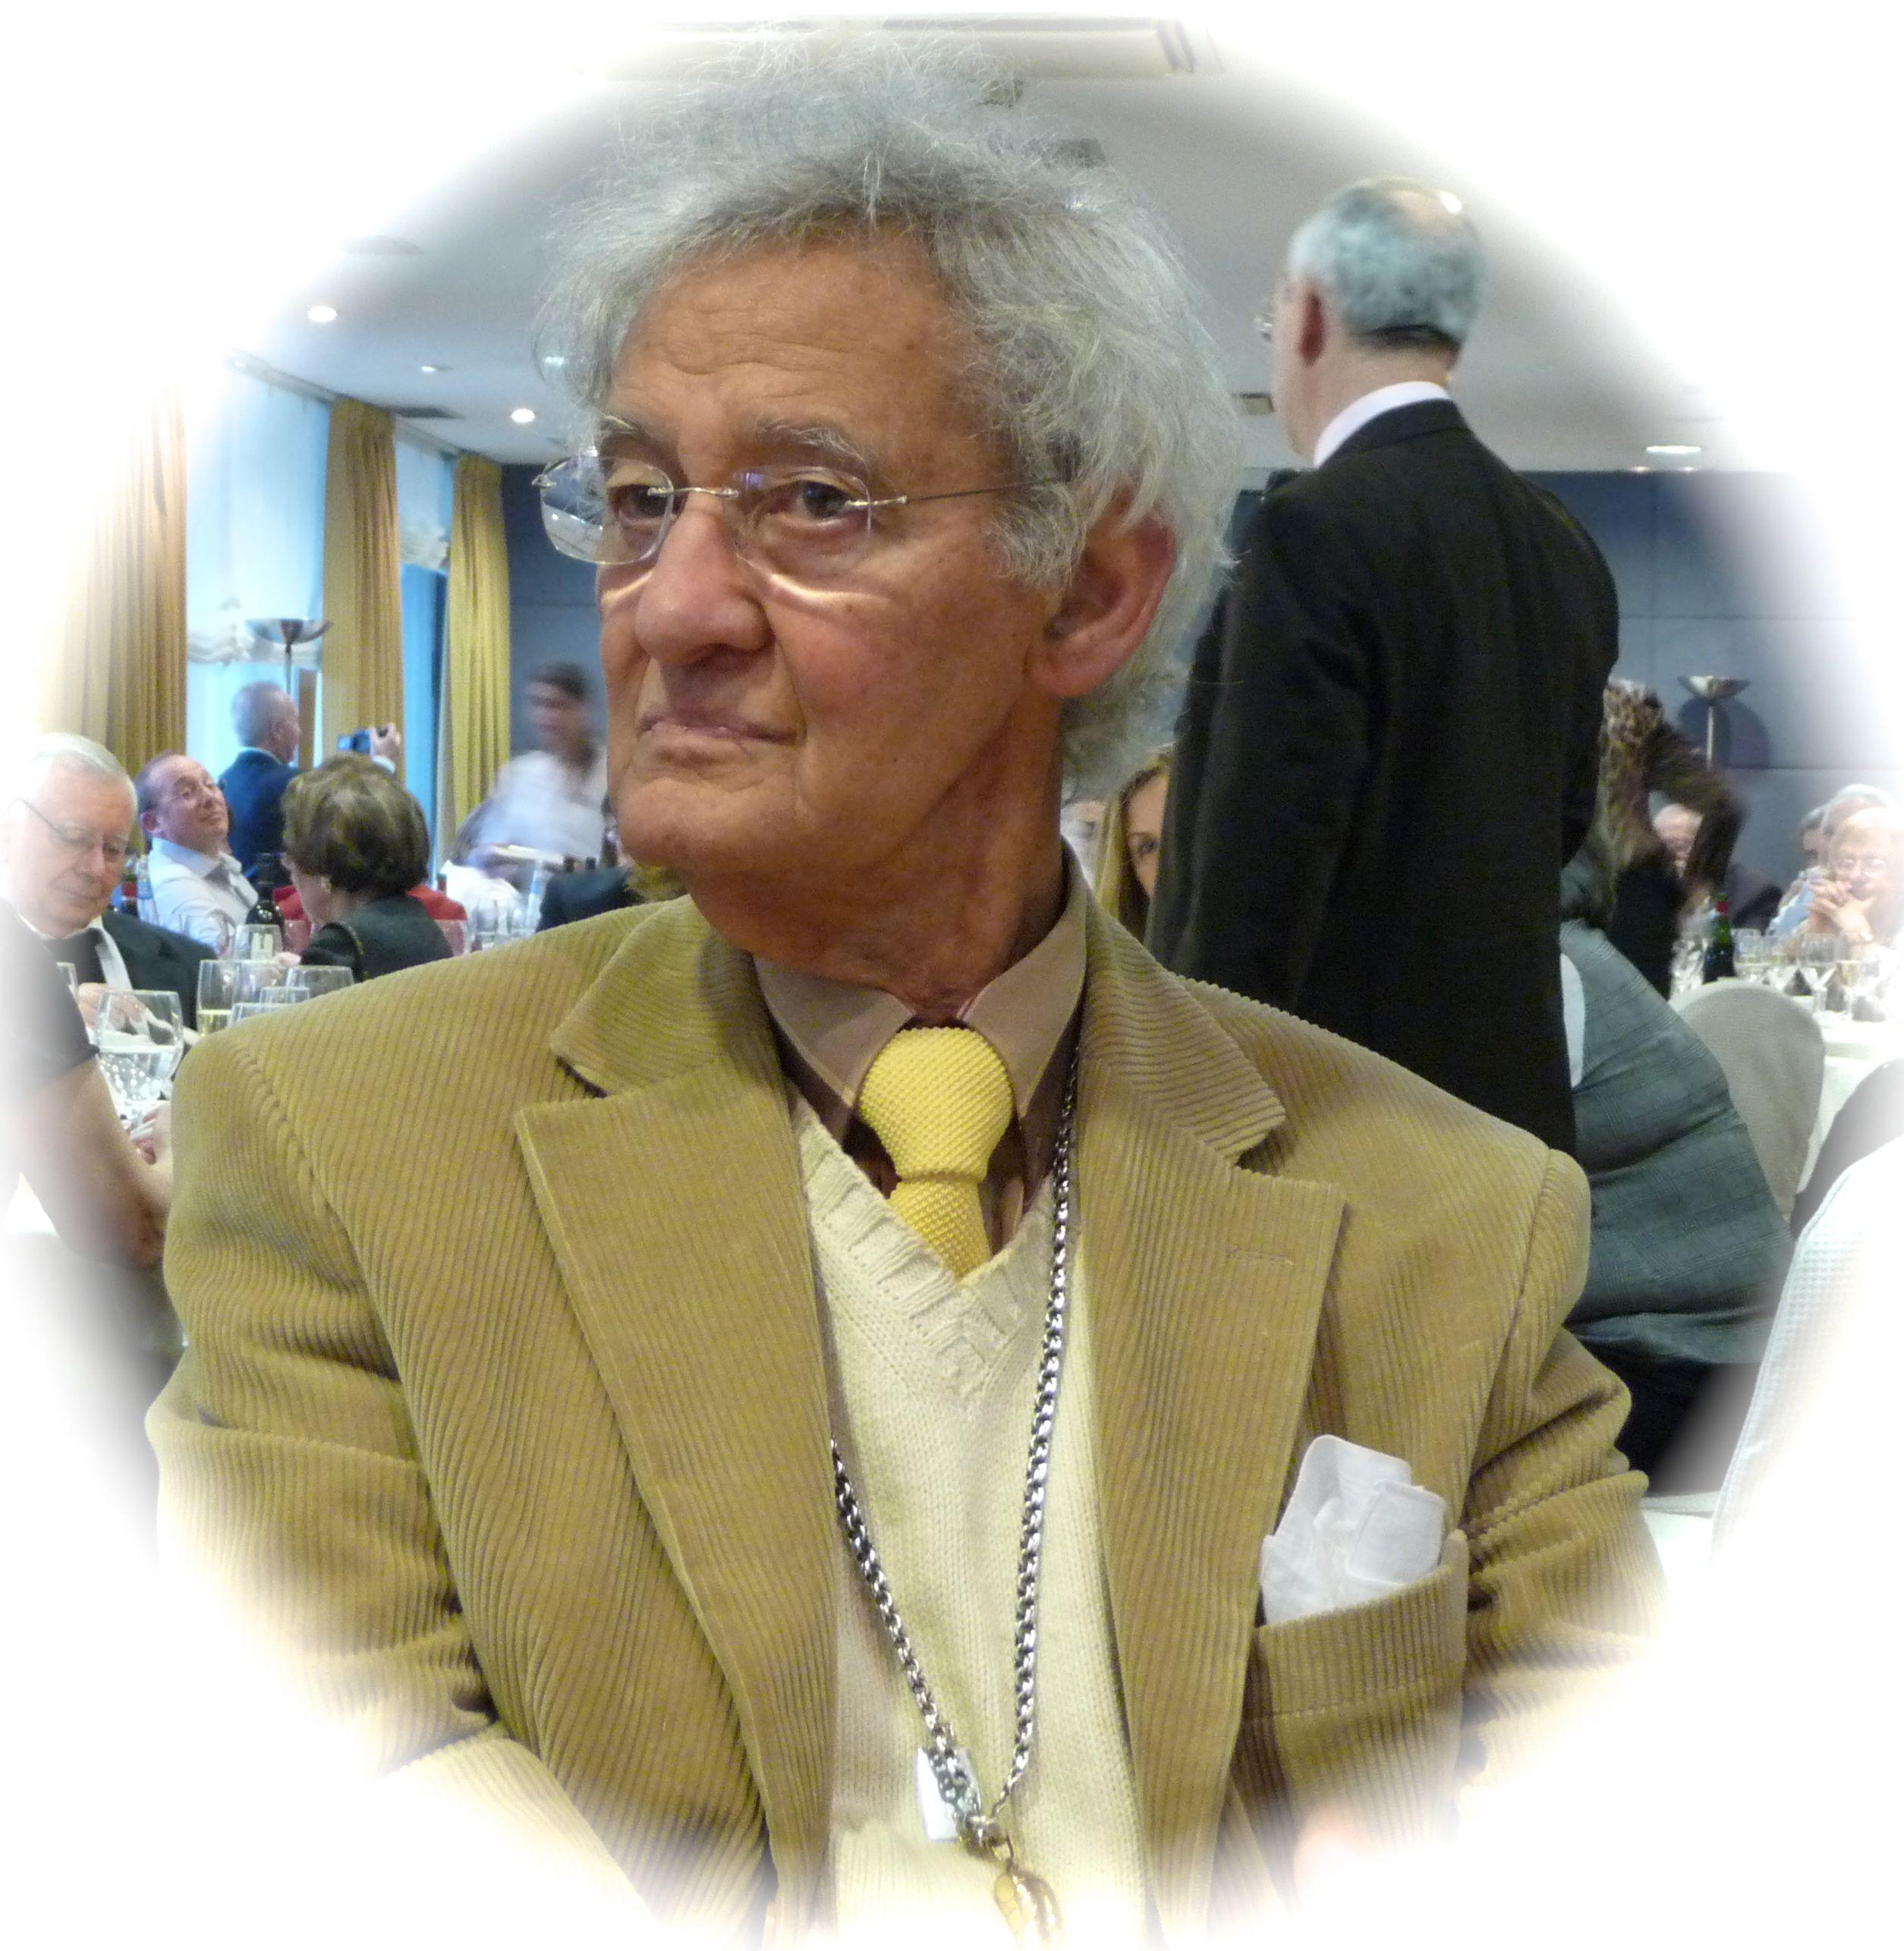 Fotografía de Felipe Criado nunha xubilación de colegas do instituto no 2008 (foto de Fidelina Seco)